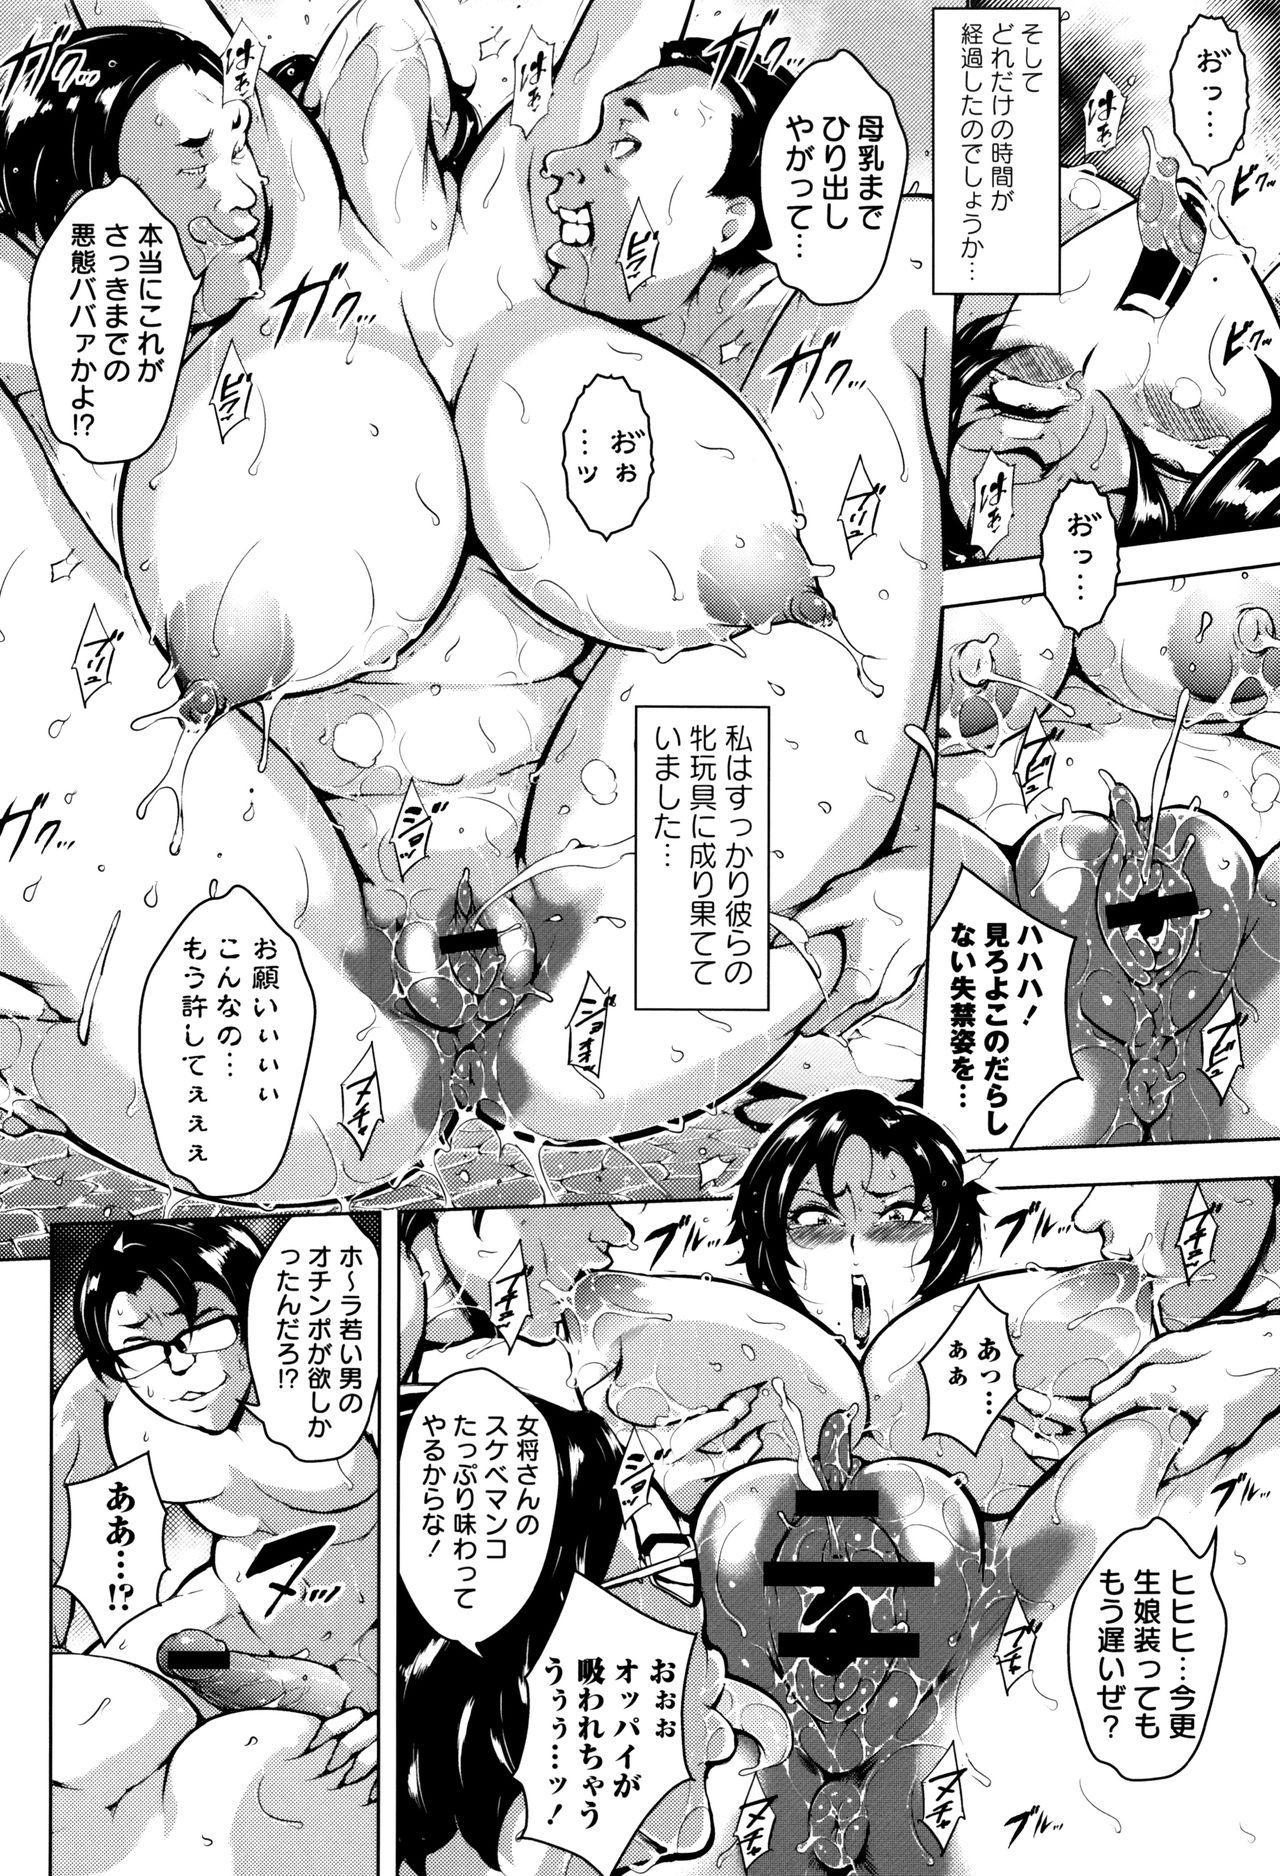 Ero BBA ♥ Dosukebe Ha Sengen 79